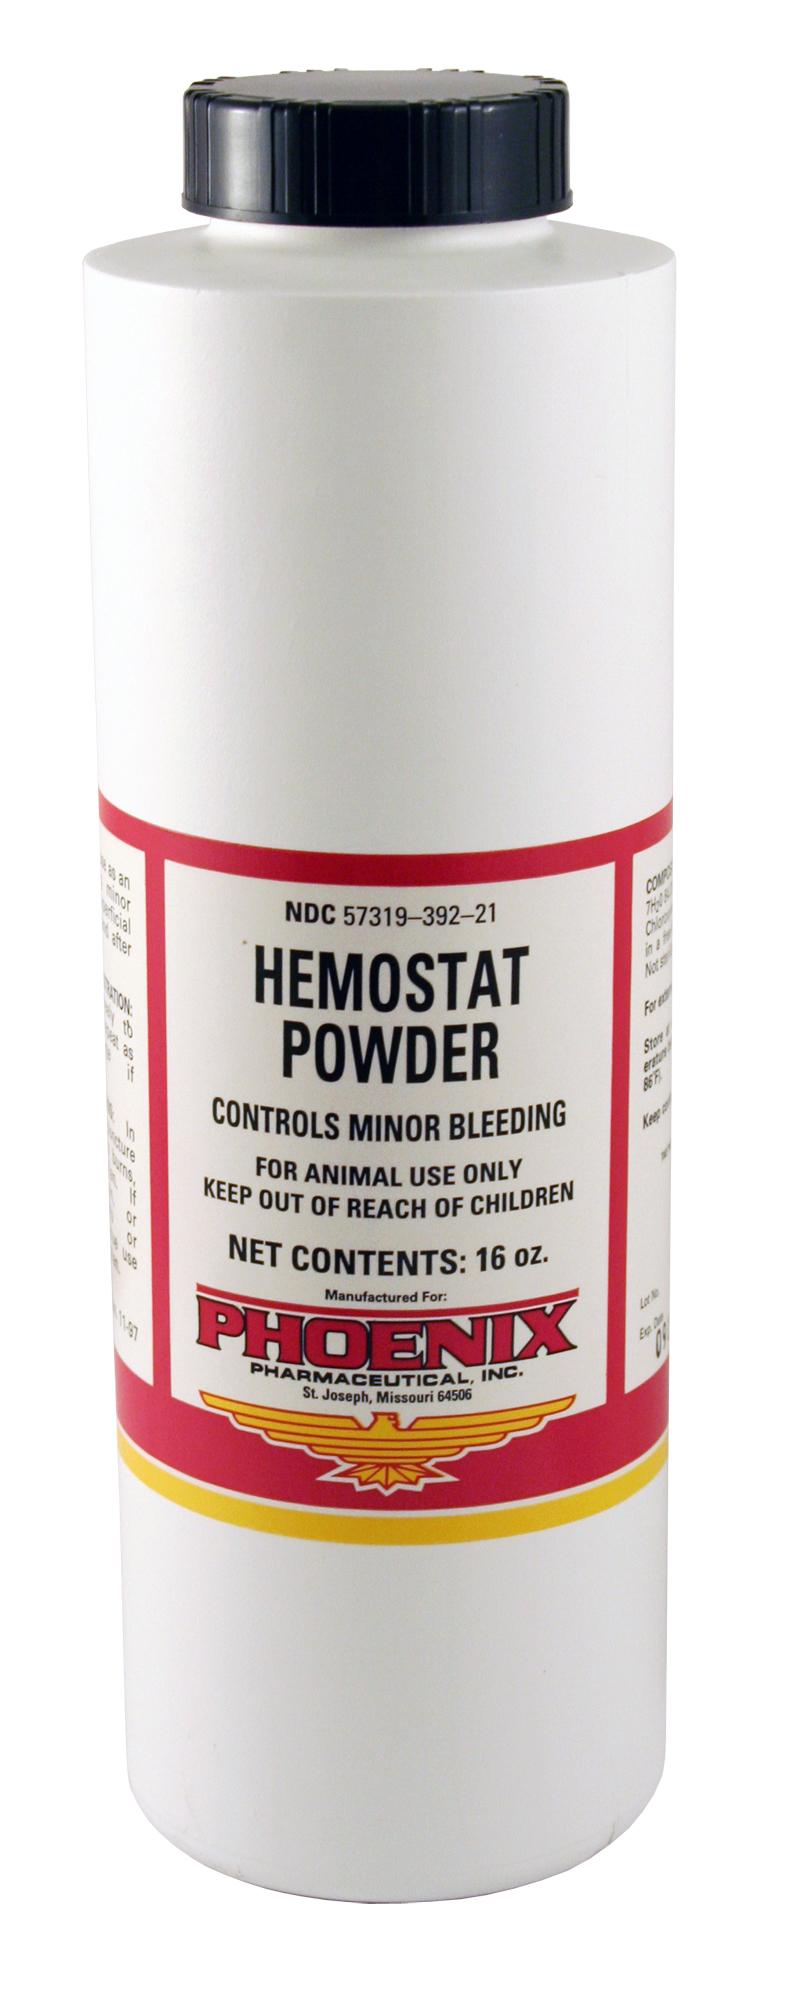 Hemostat Powder